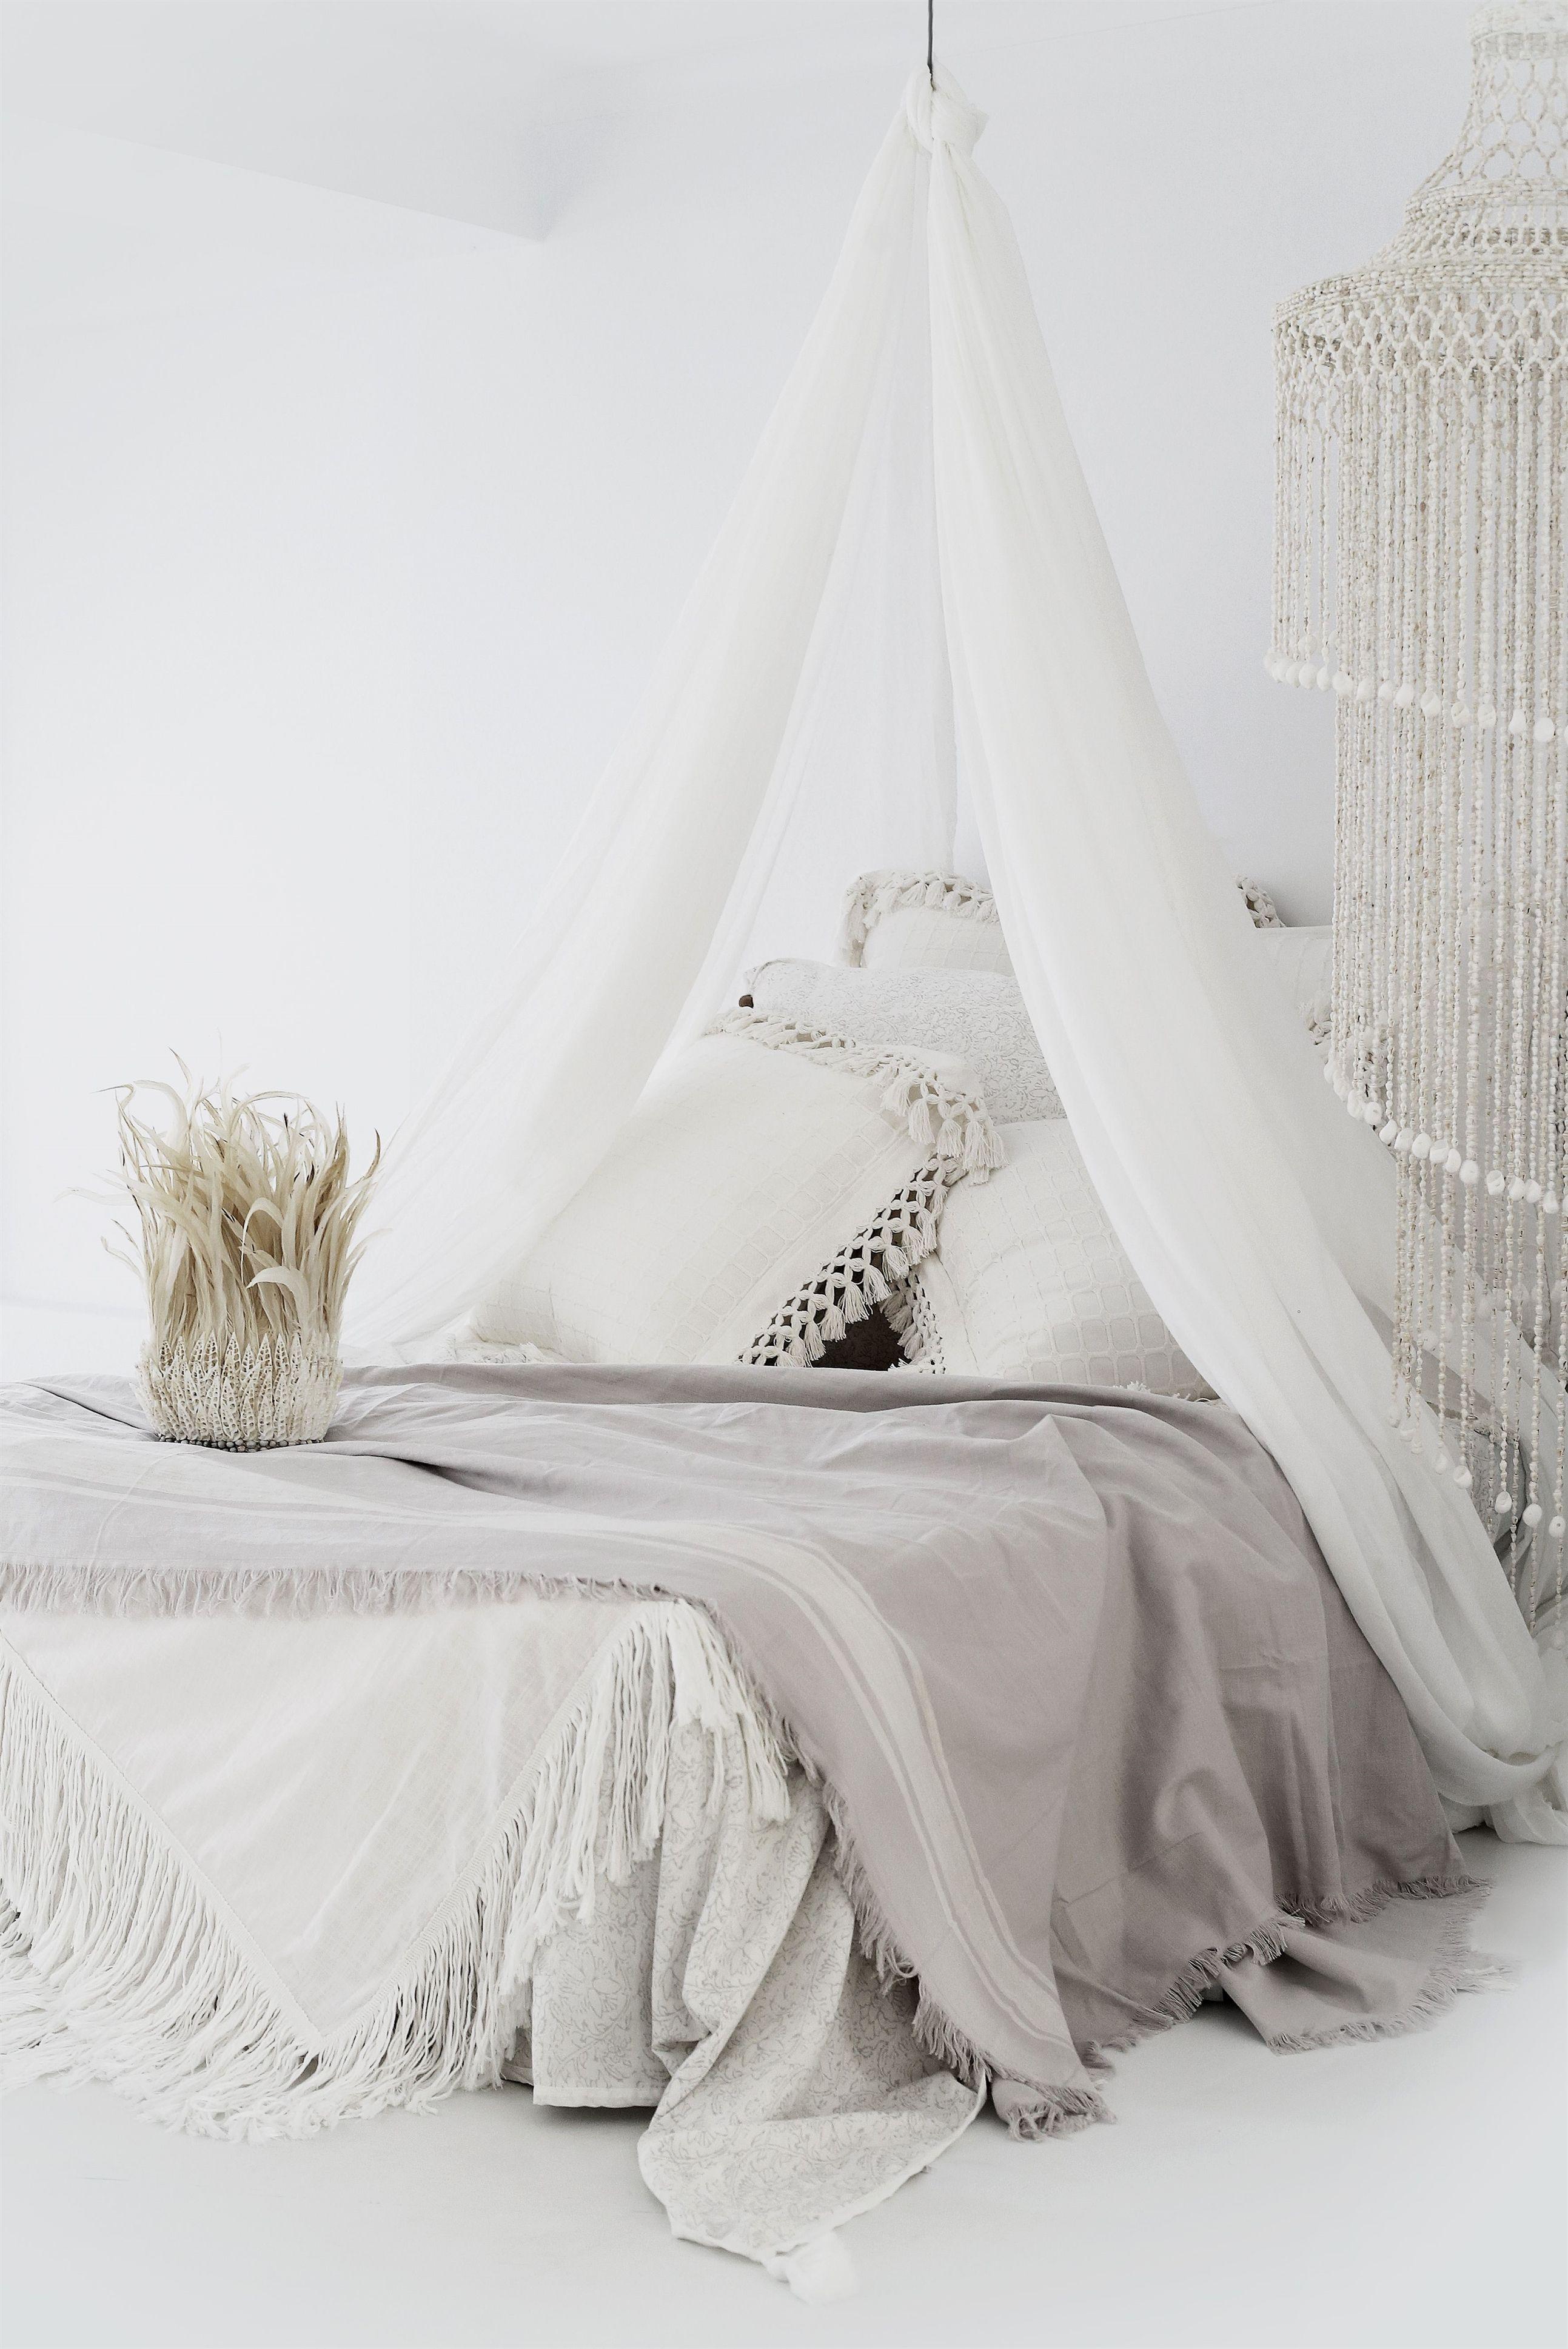 Natural Boho Comfortablebed Slaapkamerideeen Slaapkamer Interieur